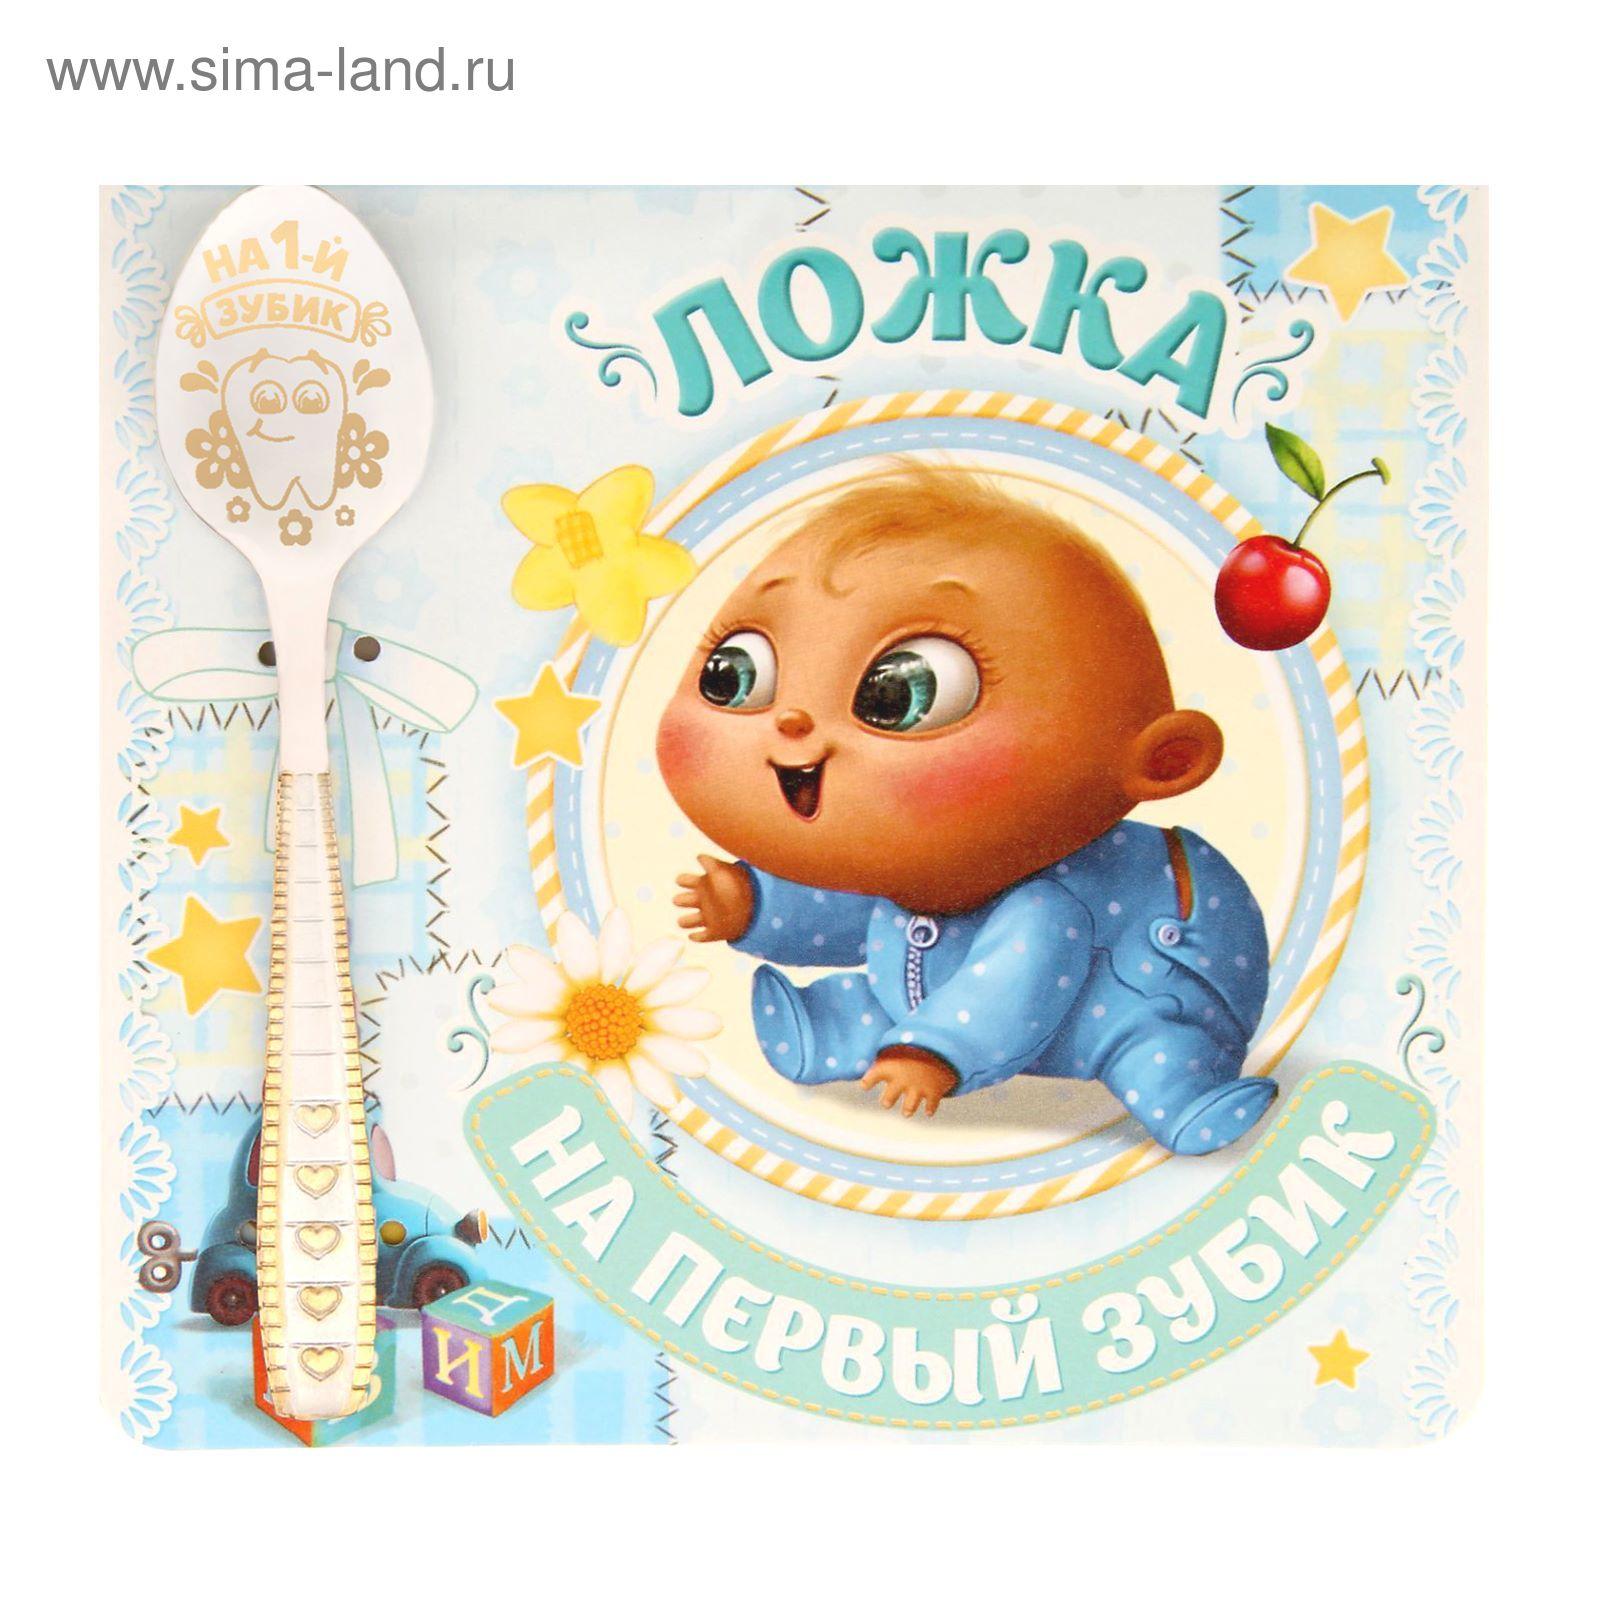 Поздравления с первыми зубами картинки, открытки новым